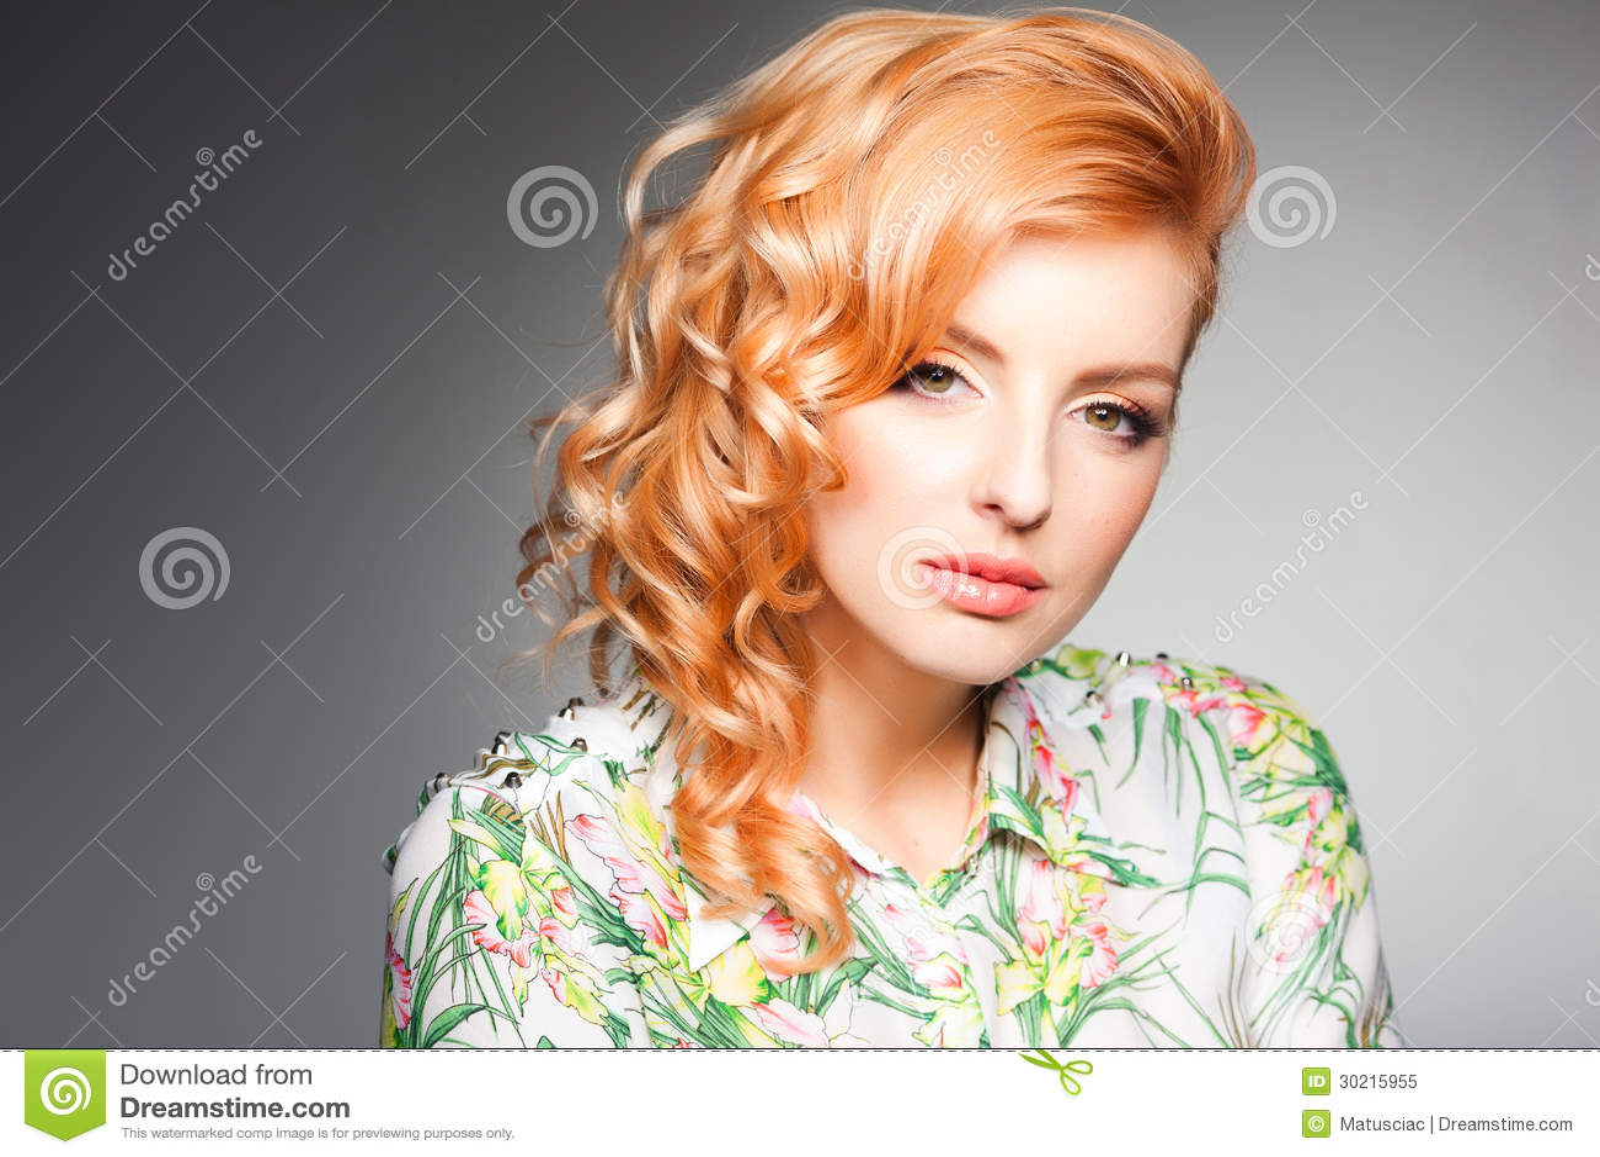 Beauty portrait of beautiful blonde woman wearing professional make-up